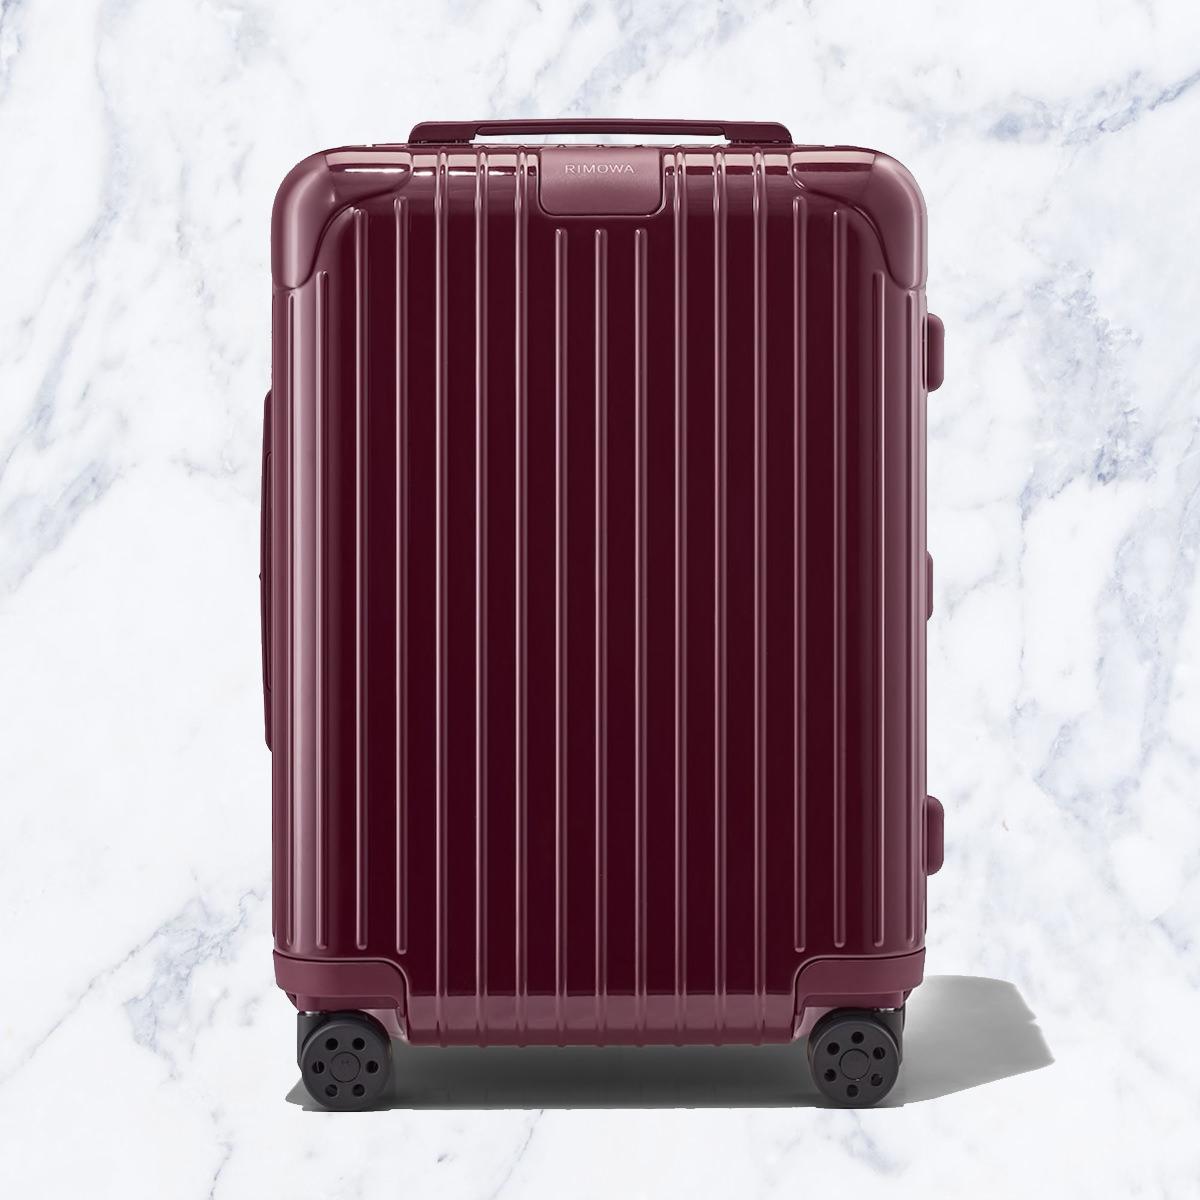 RIMOWA(リモワ)スーツケース リモワ エッセンシャル 83253874 キャビン 36L ベリーパープル画像